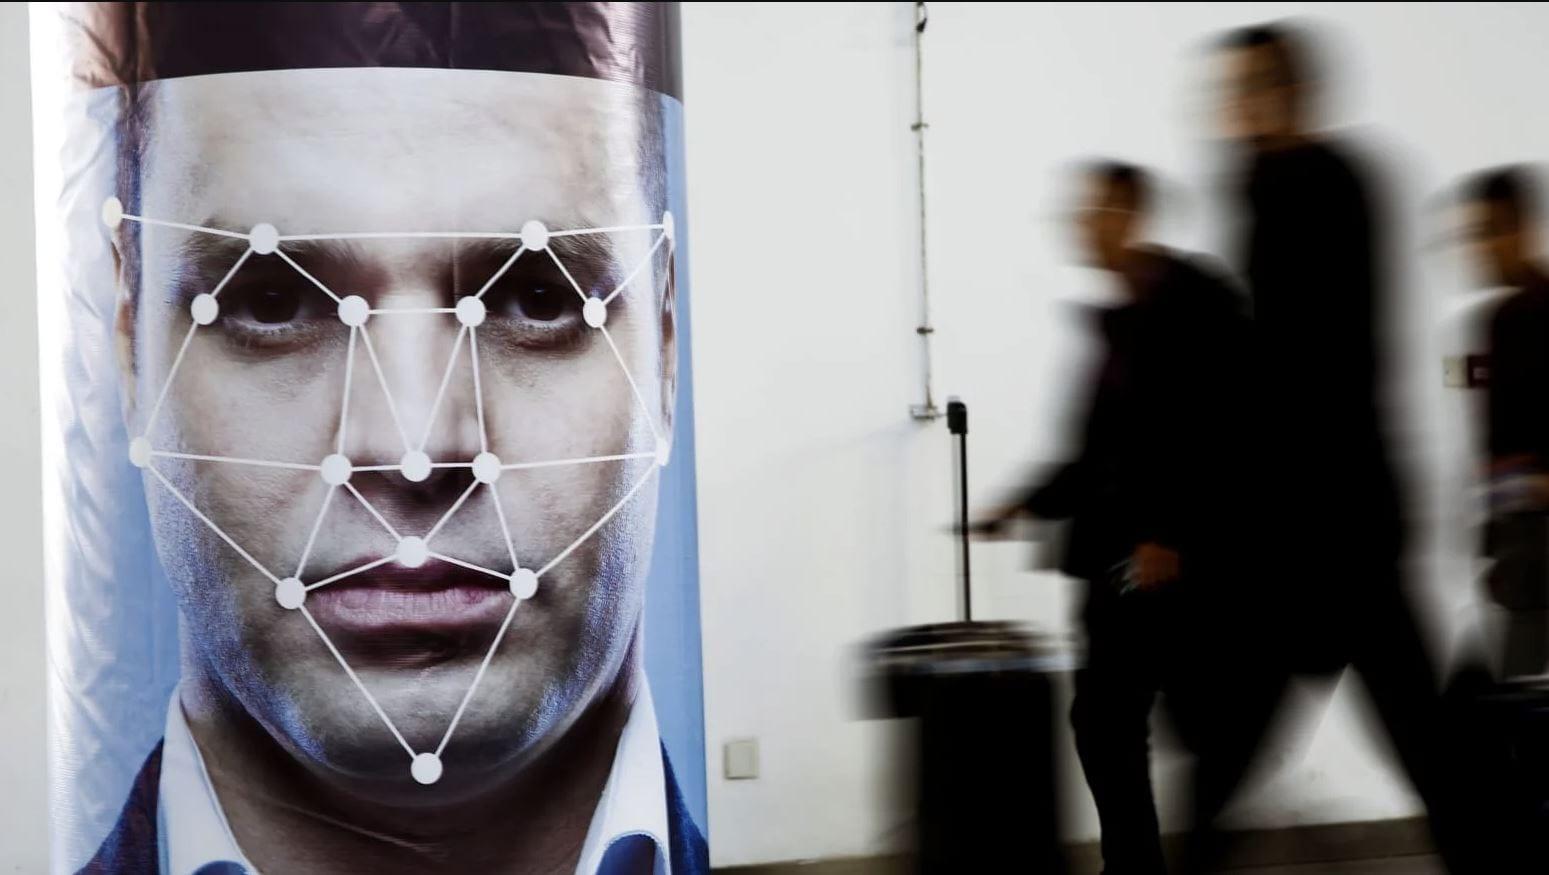 Riconoscimento facciale: l'assenza di regole sta già creando danni, soprattutto alle minoranze